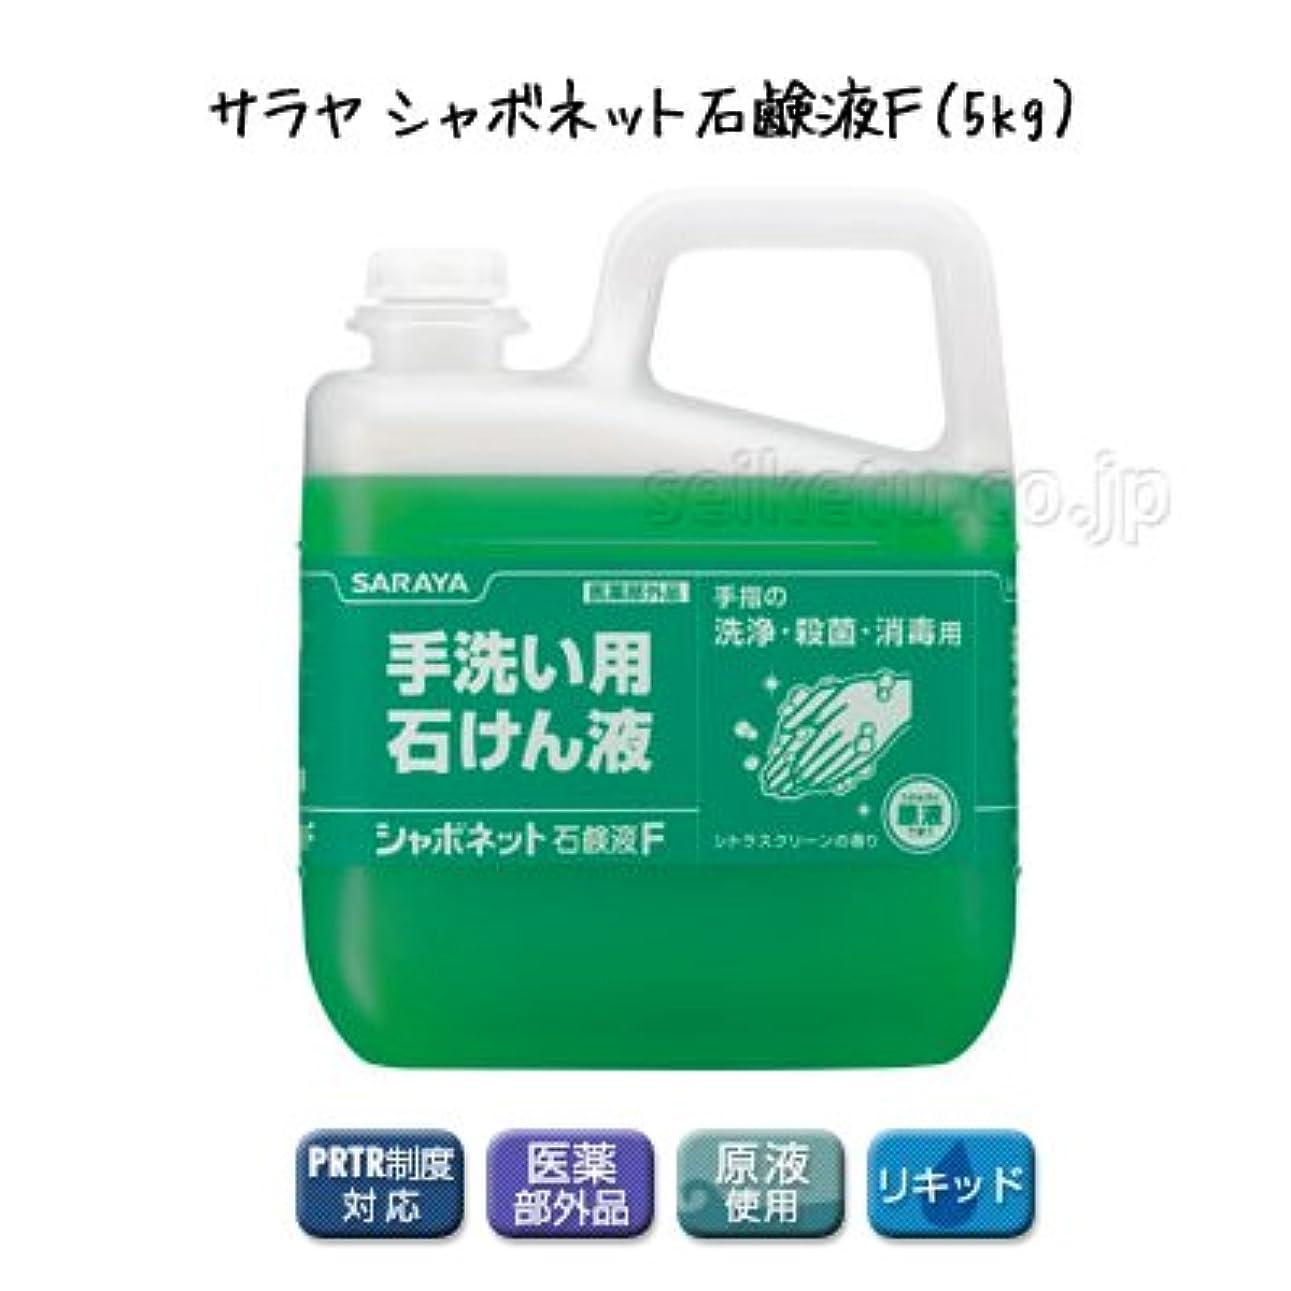 厳しいパイント推進力【清潔キレイ館】サラヤ シャボネット石鹸液F(5kg)